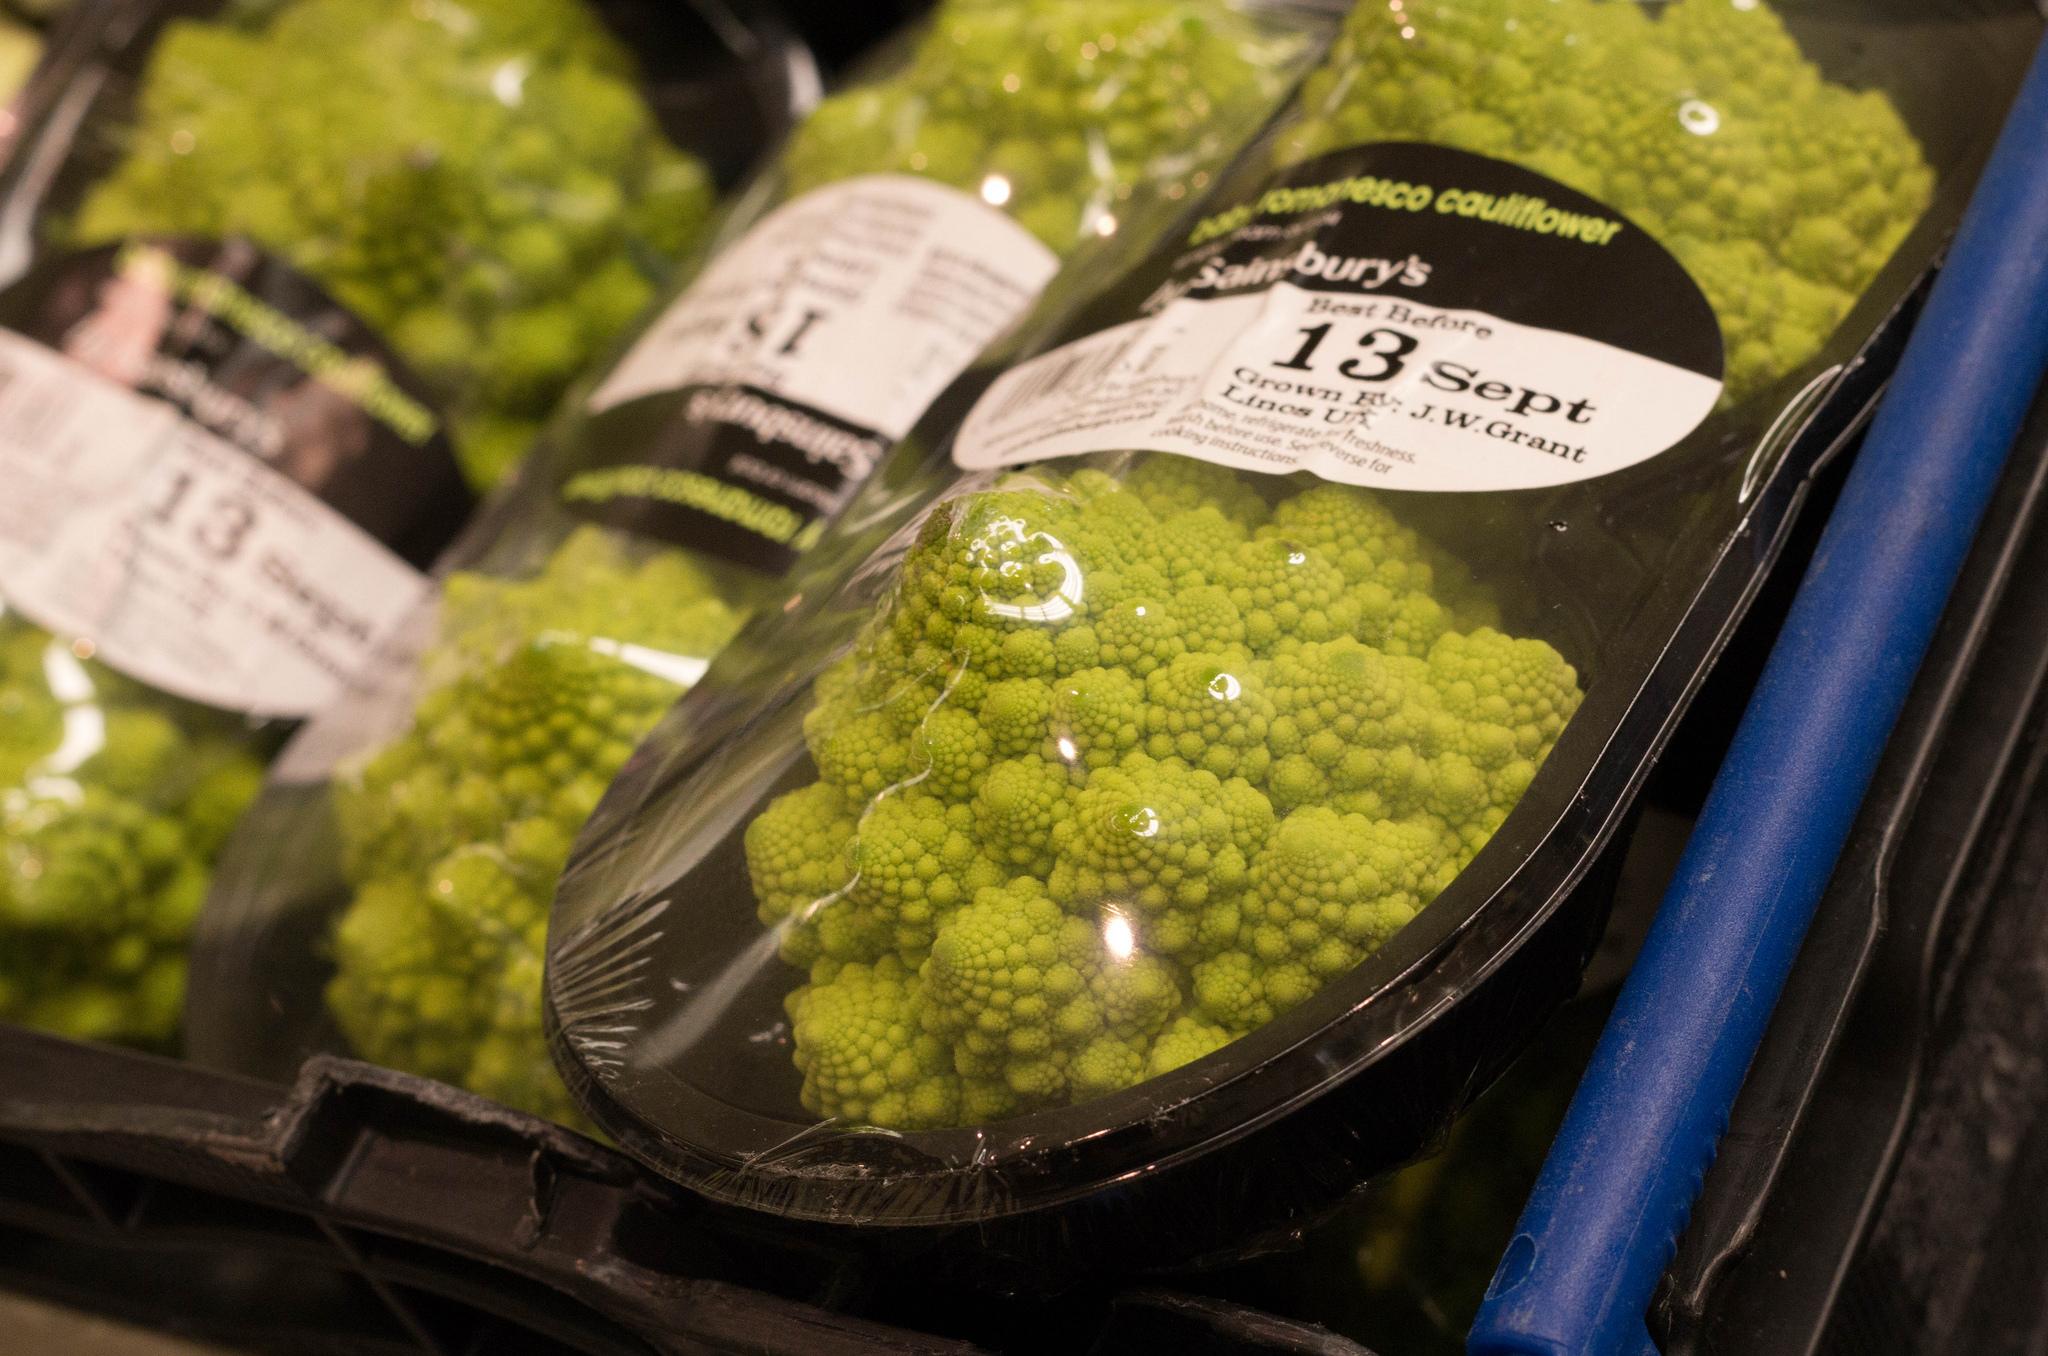 un supermarch u00e9 supprime les emballages plastiques du rayon